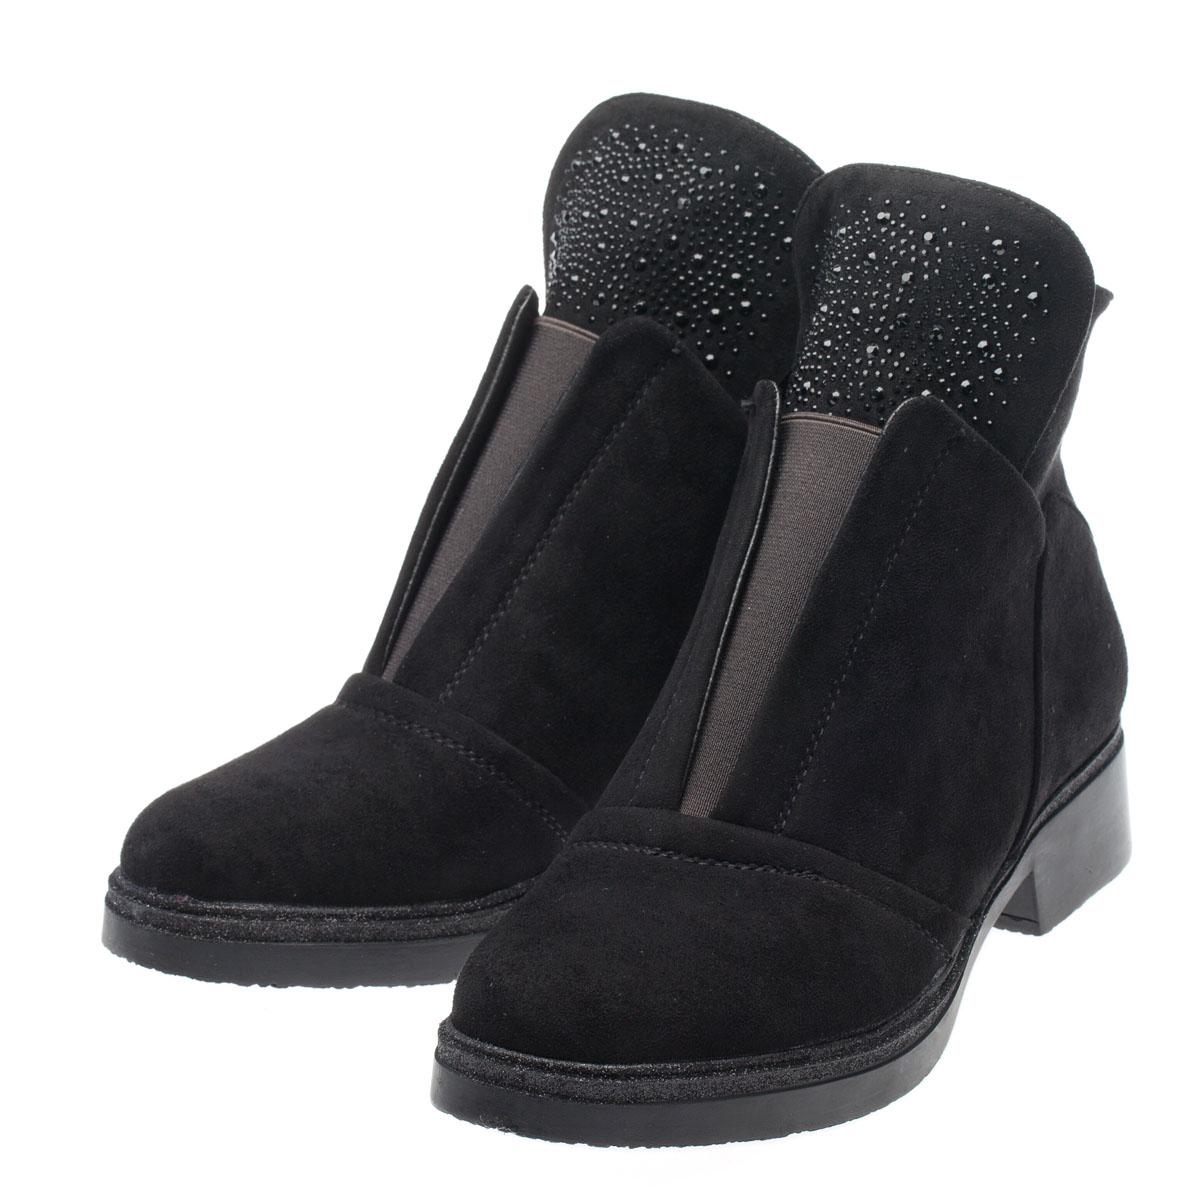 Фото - Ботинки демисезонные FERTO, SL8907-4 ботинки демисезонные ferto skl 008